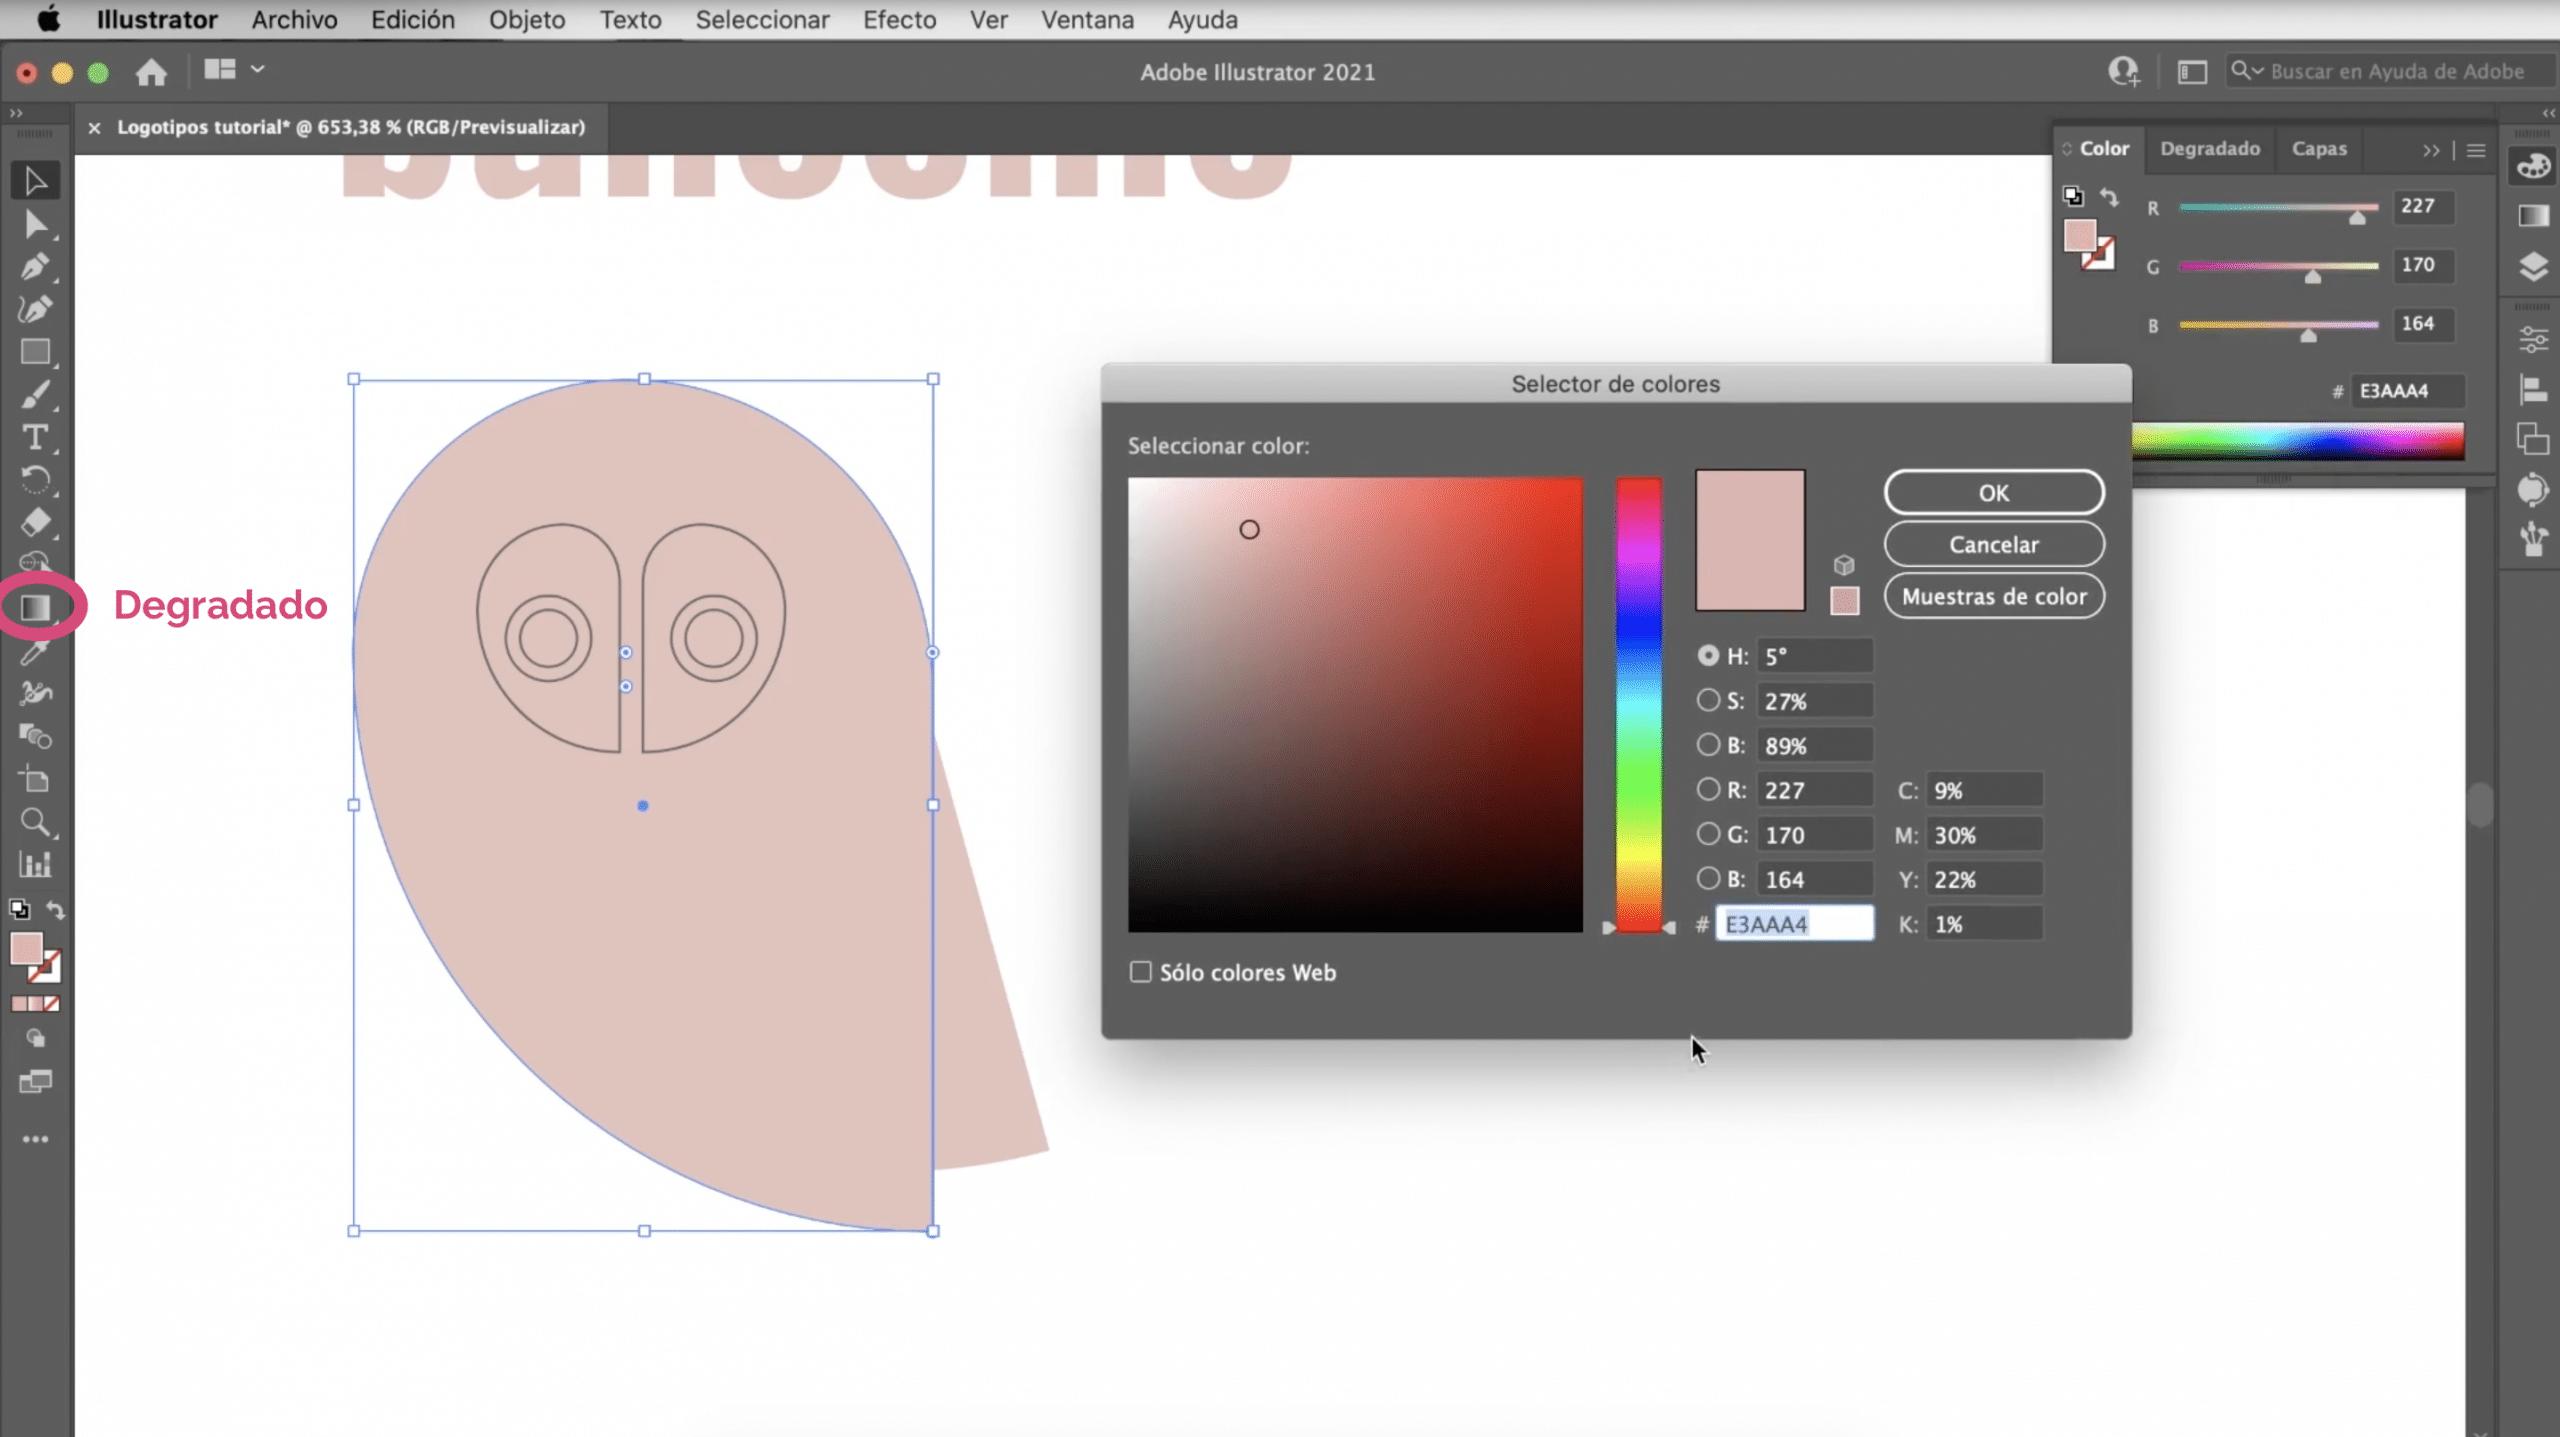 Illustratorでロゴにグラデーションを適用する